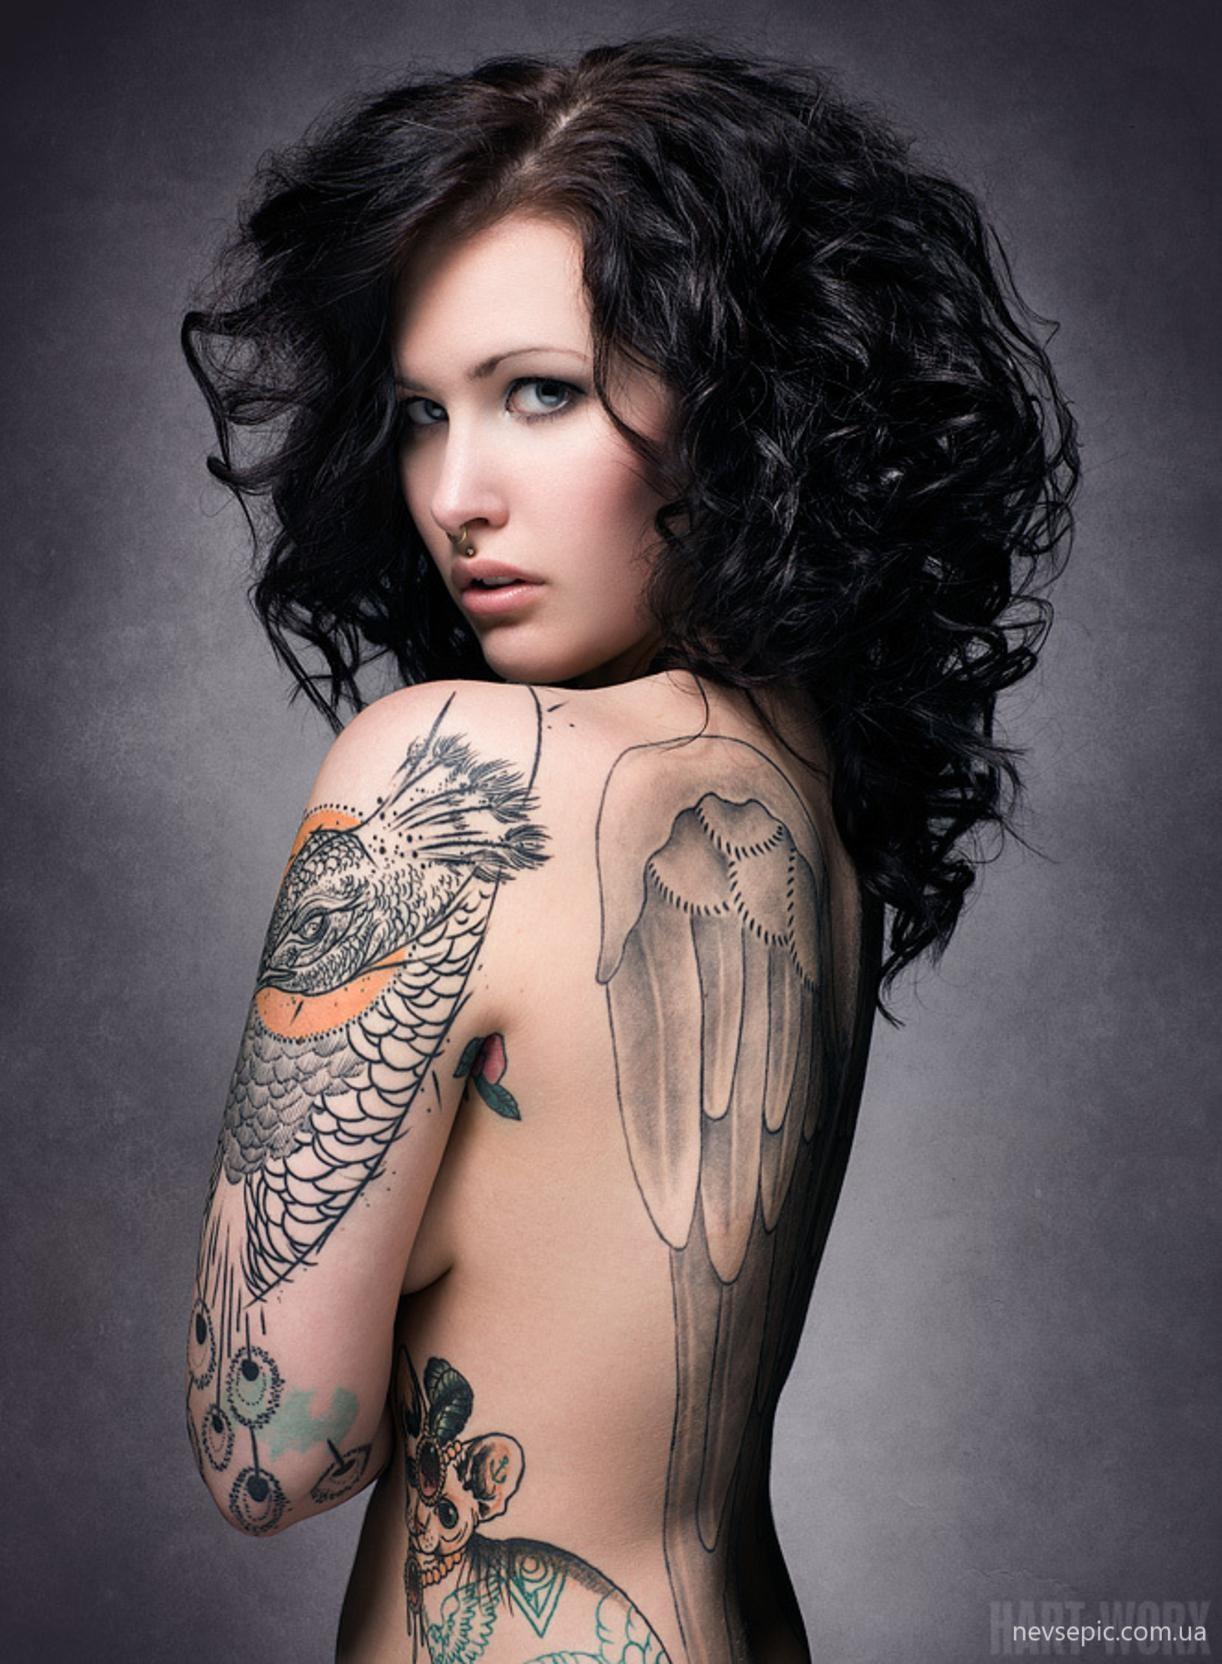 Татуировки по всему телу фото 17 фотография